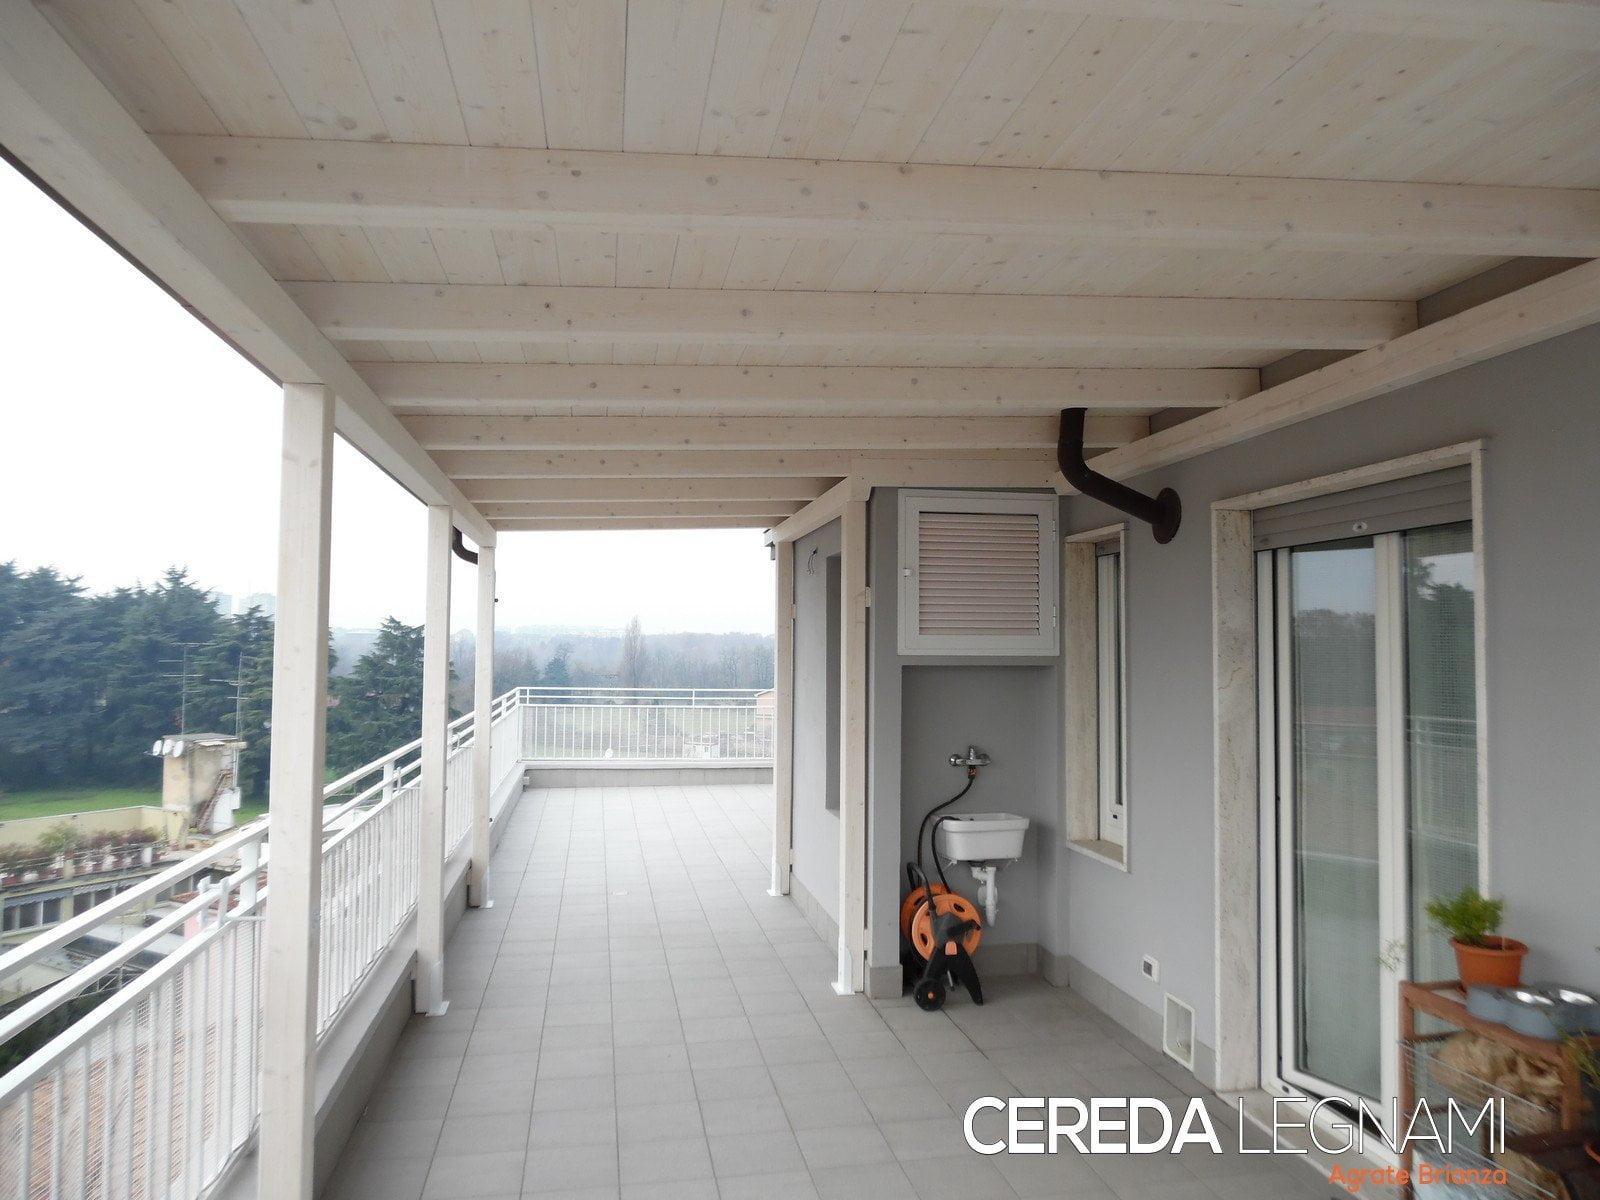 Bers in legno per terrazzi milano cereda legnami for Arredamento terrazzi milano